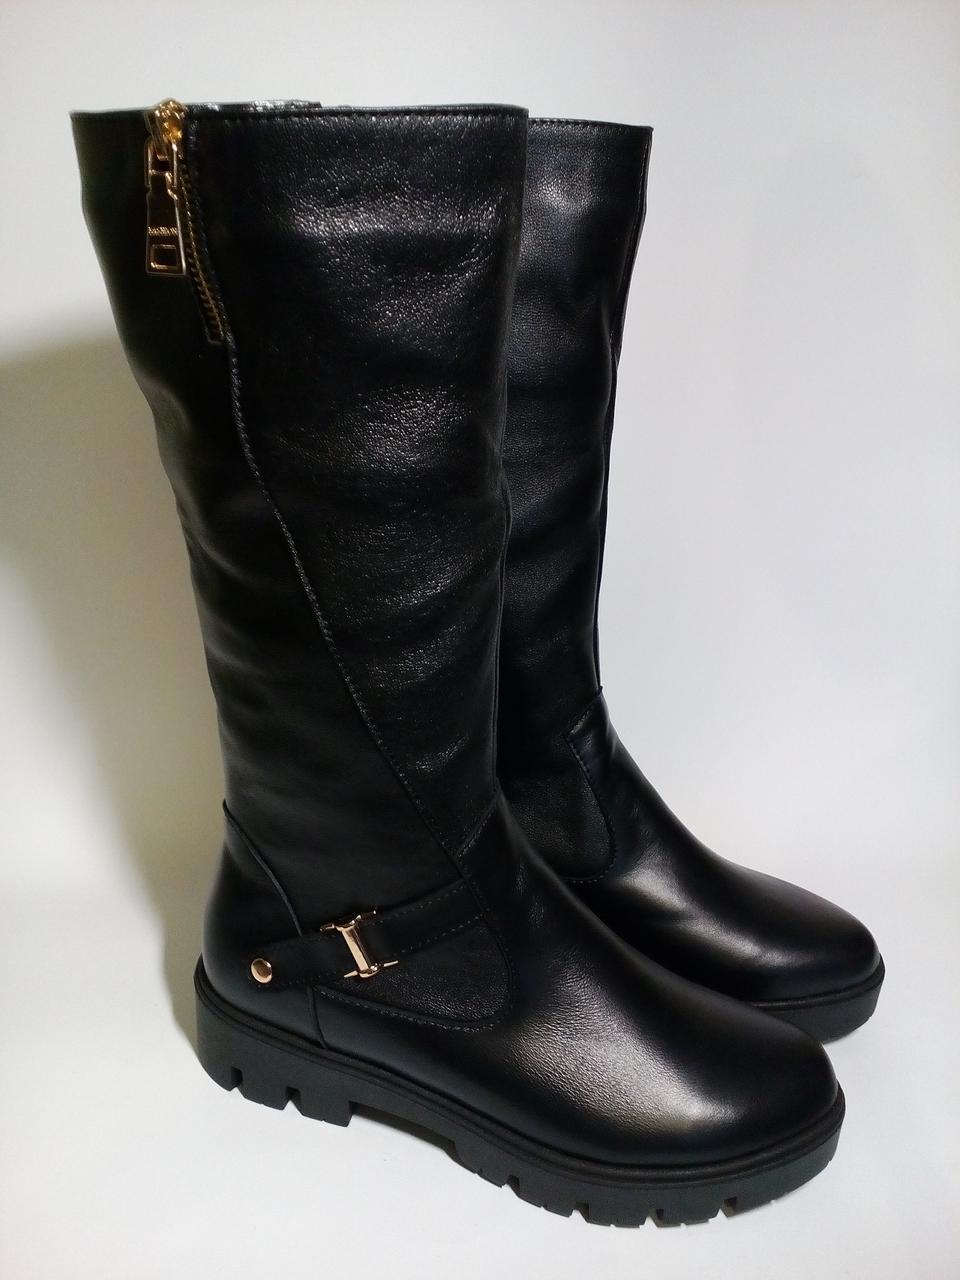 4992ab82ccb3 Сапоги женские кожаные зимние